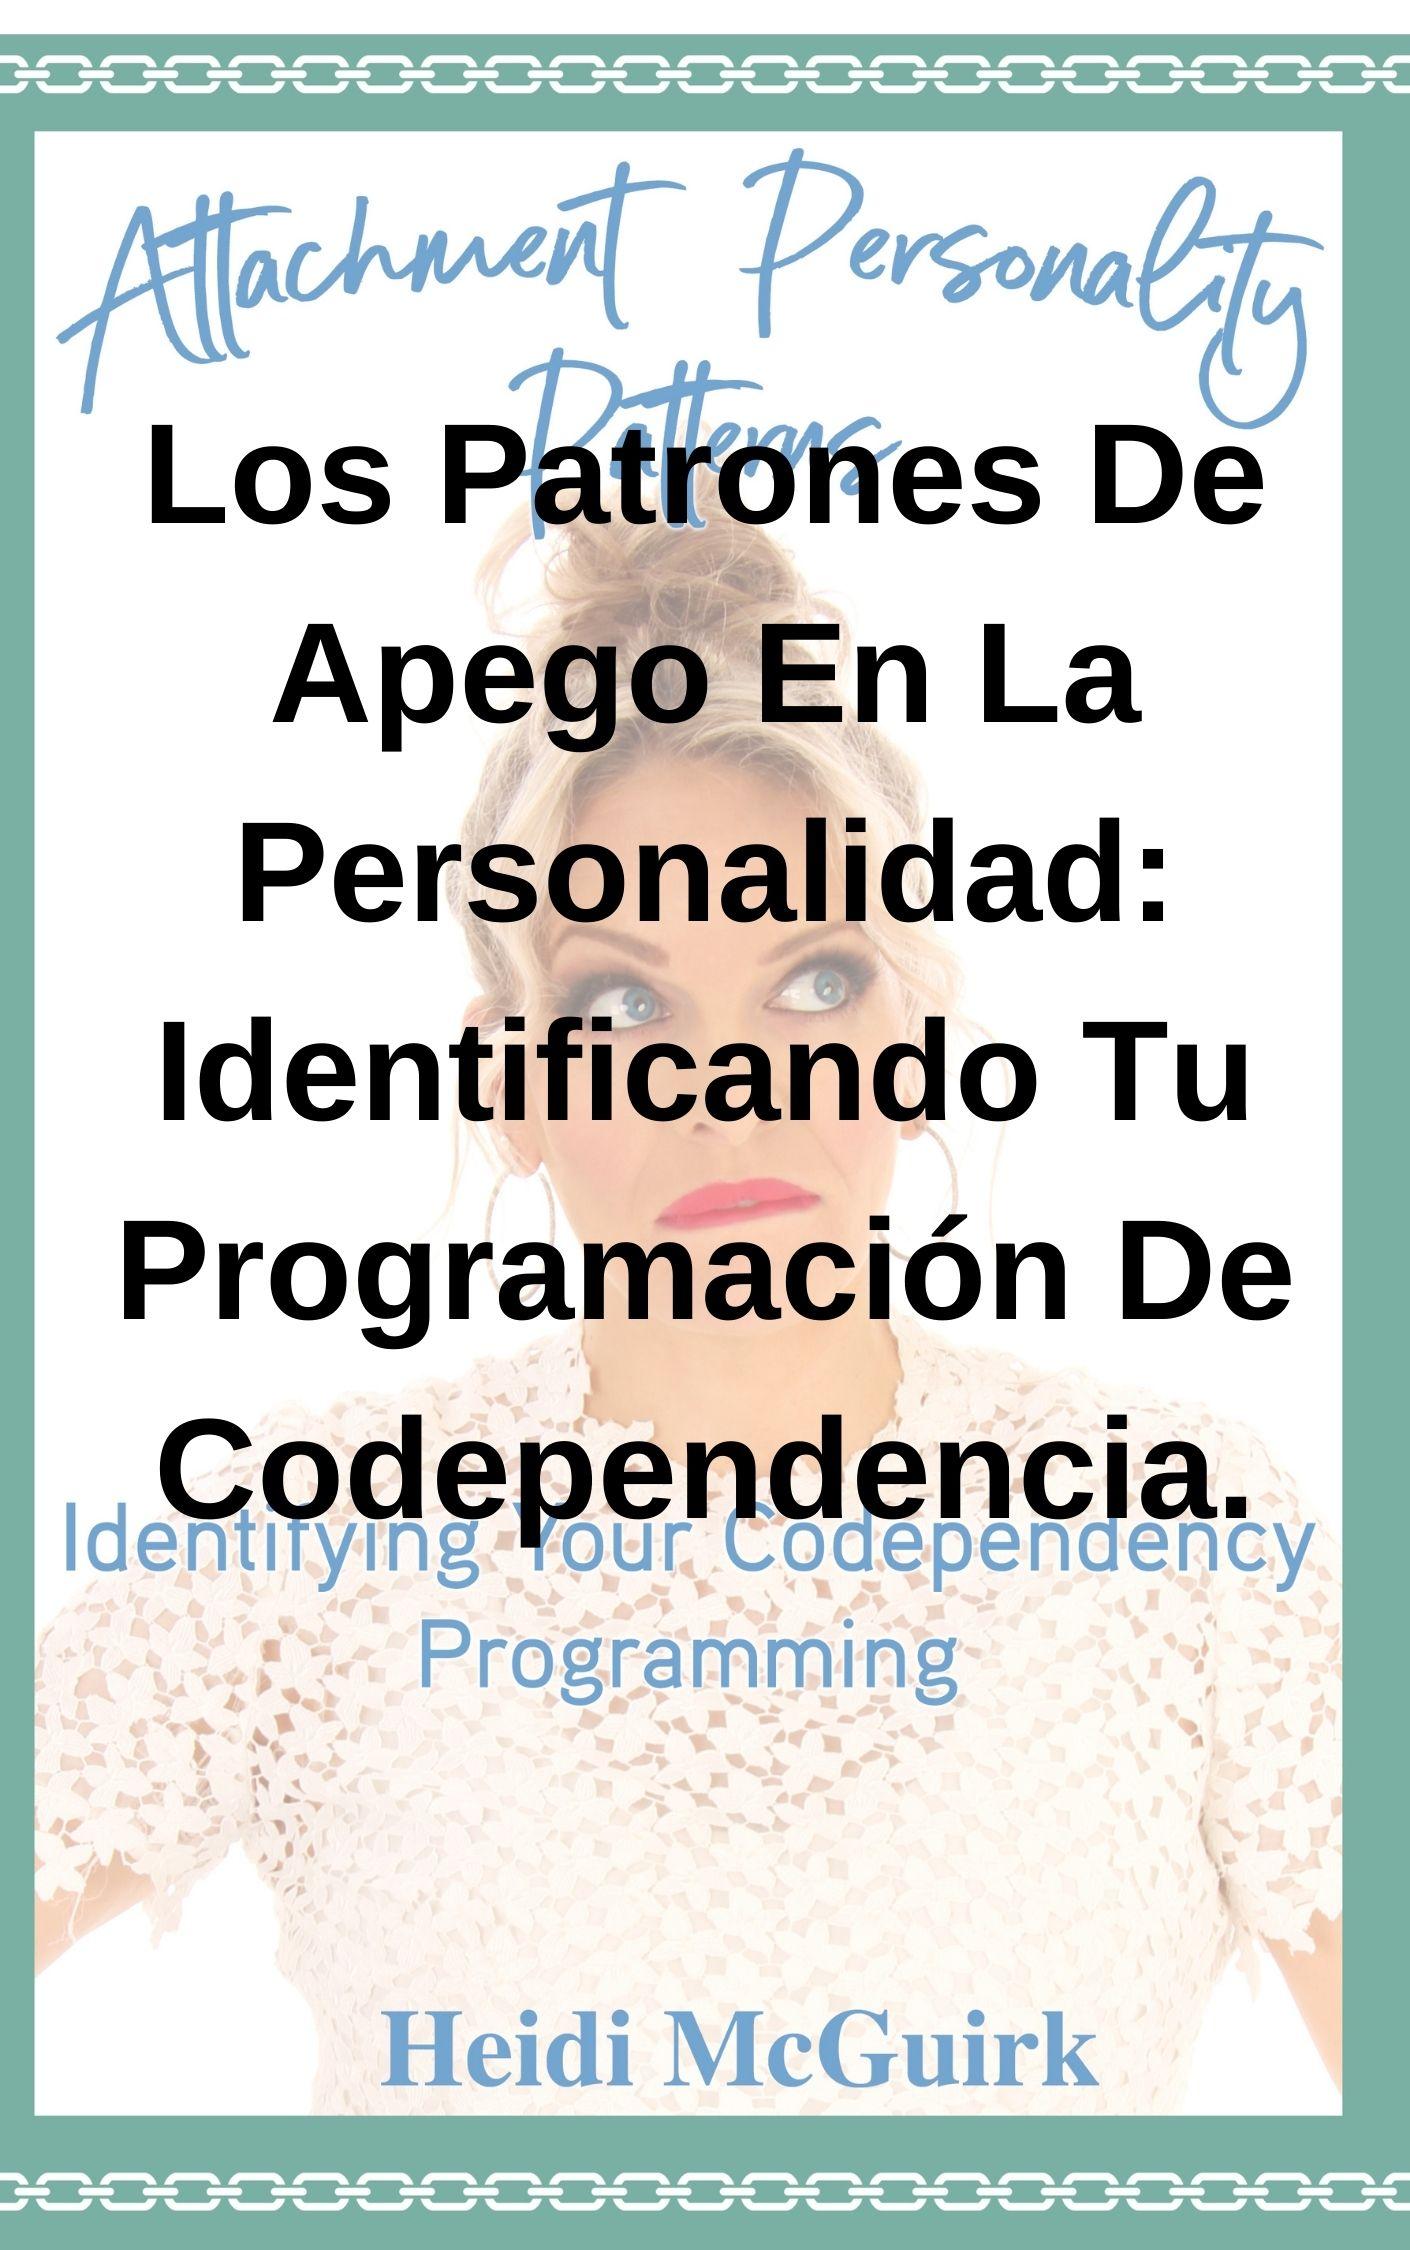 Los Patrones De Apego En La Personalidad: Identificando Tu Programación De Codependencia.